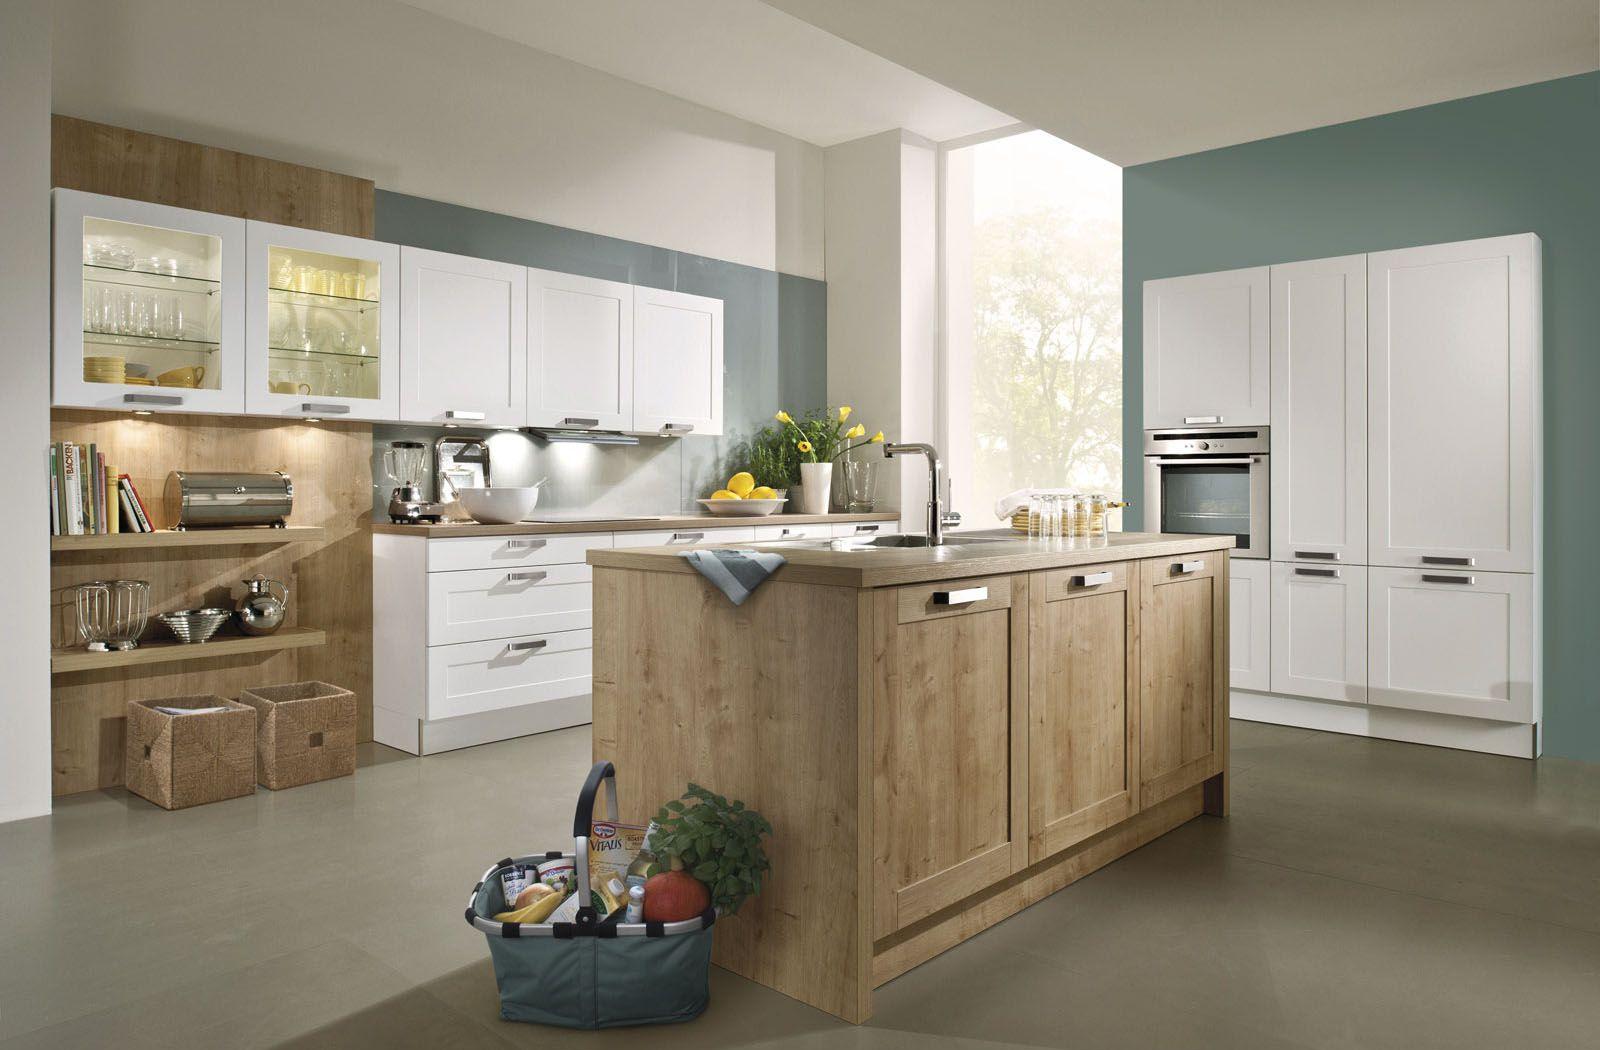 Pin von Zinck Concept auf Notre partenaire Häcker Küchen | Pinterest ...